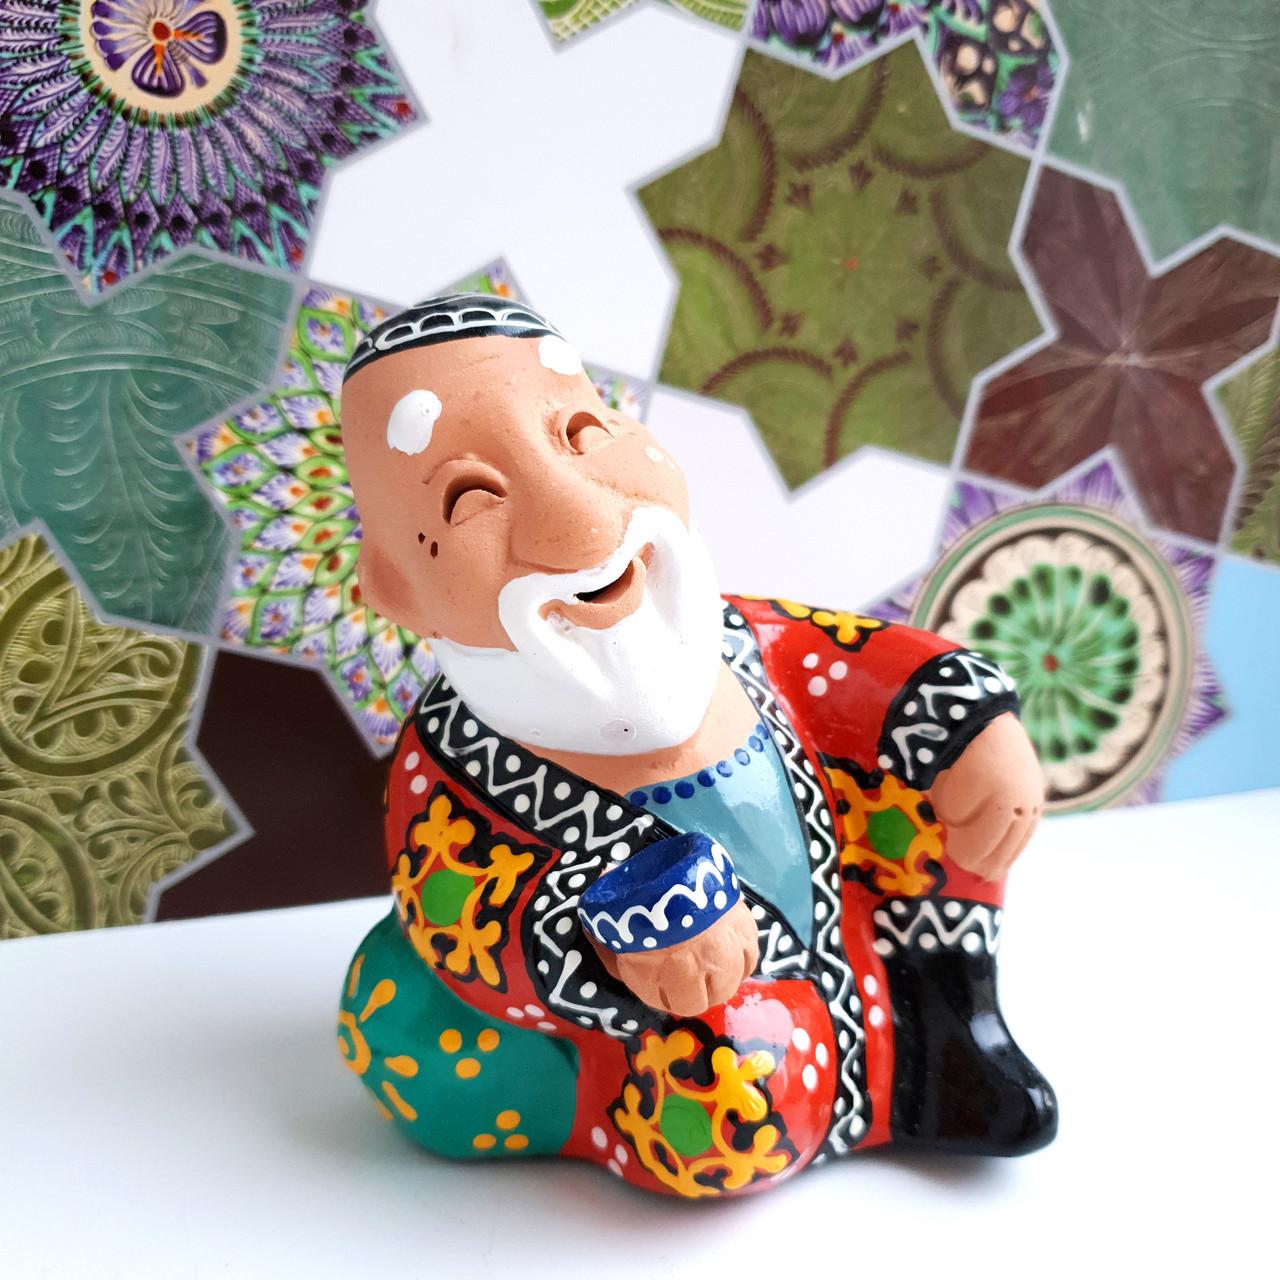 """Керамический сувенир """"Бабайчик"""". Узбекистан"""